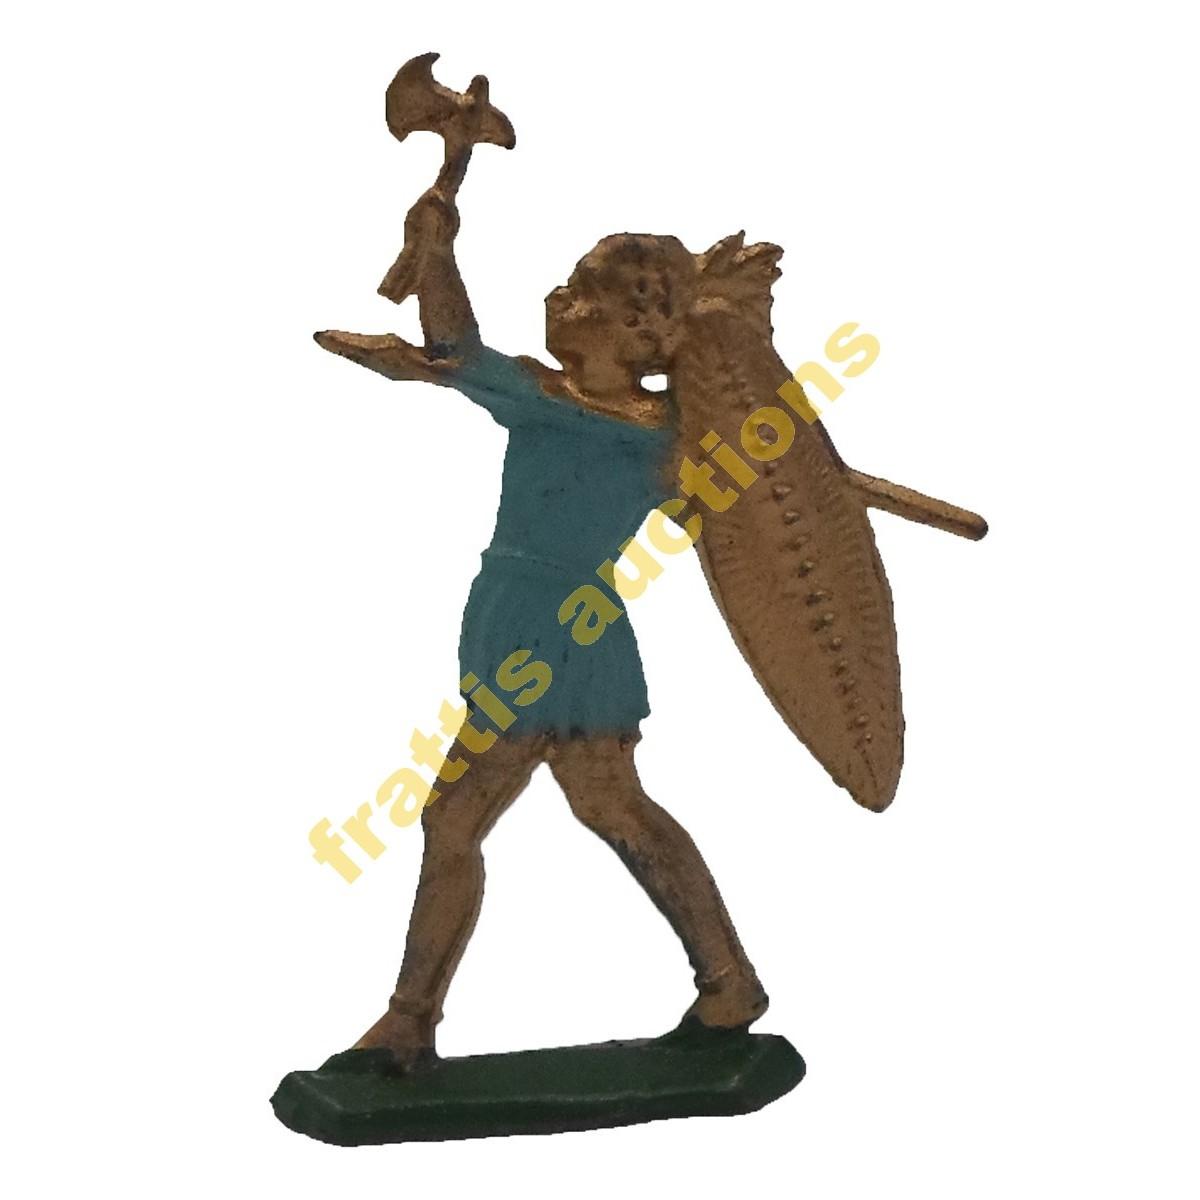 Μολυβένια φιγούρα αρχαίου πολεμιστή 6 εκ.